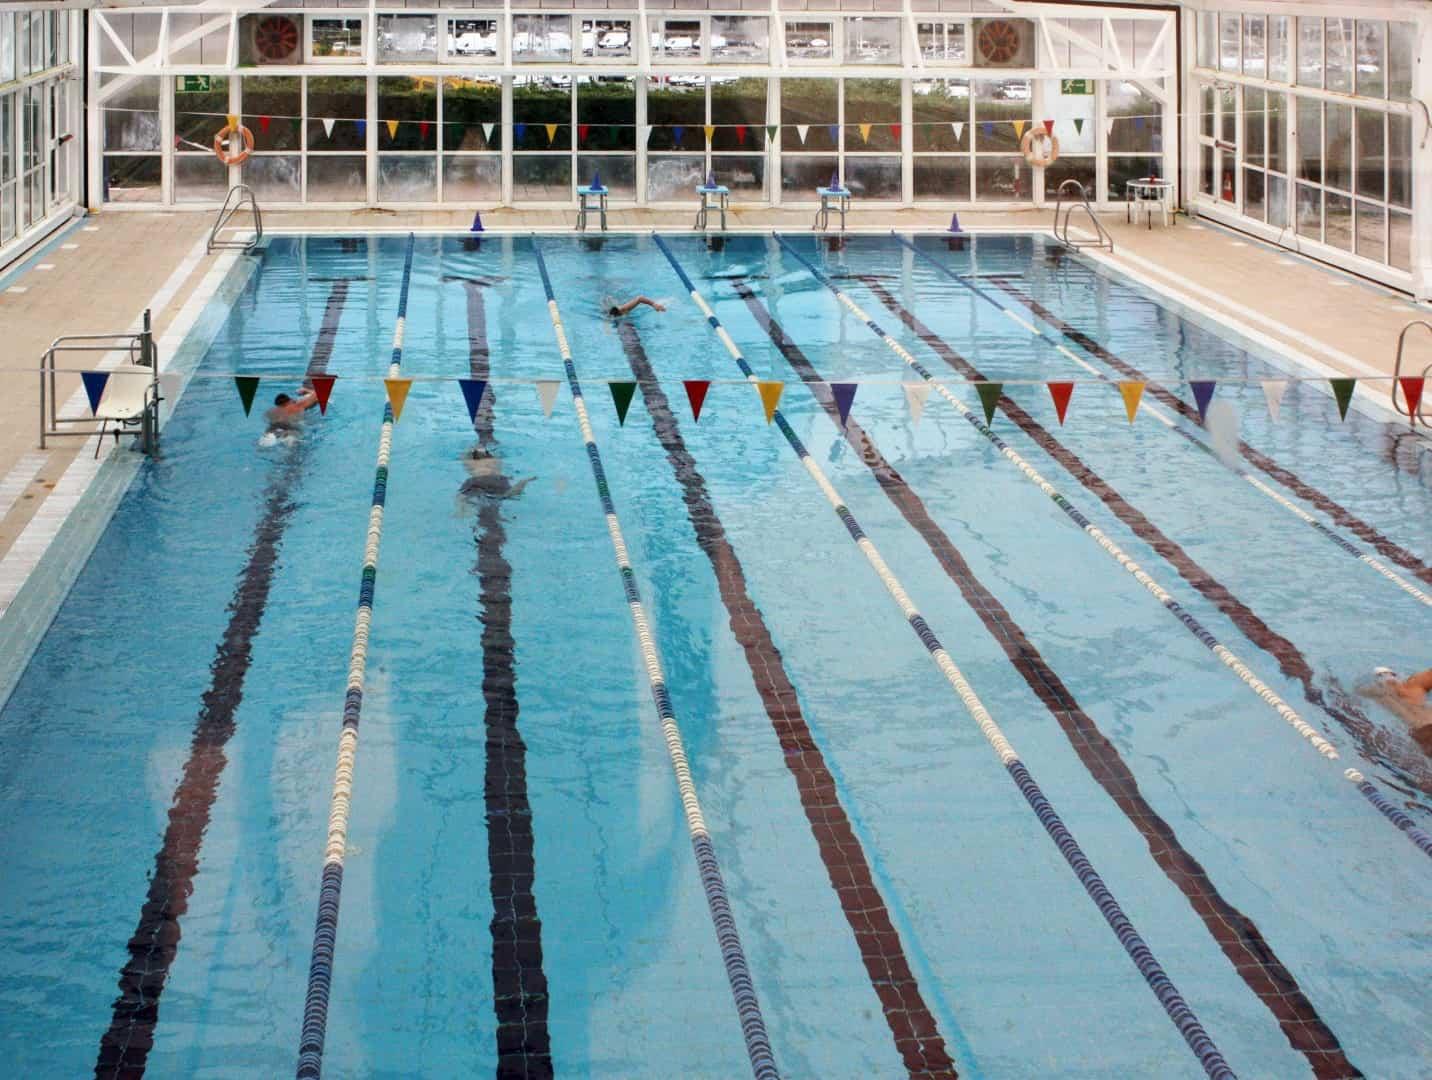 Se puede ahorrar energ a en las piscinas climatizadas for Se puede fumar en las piscinas